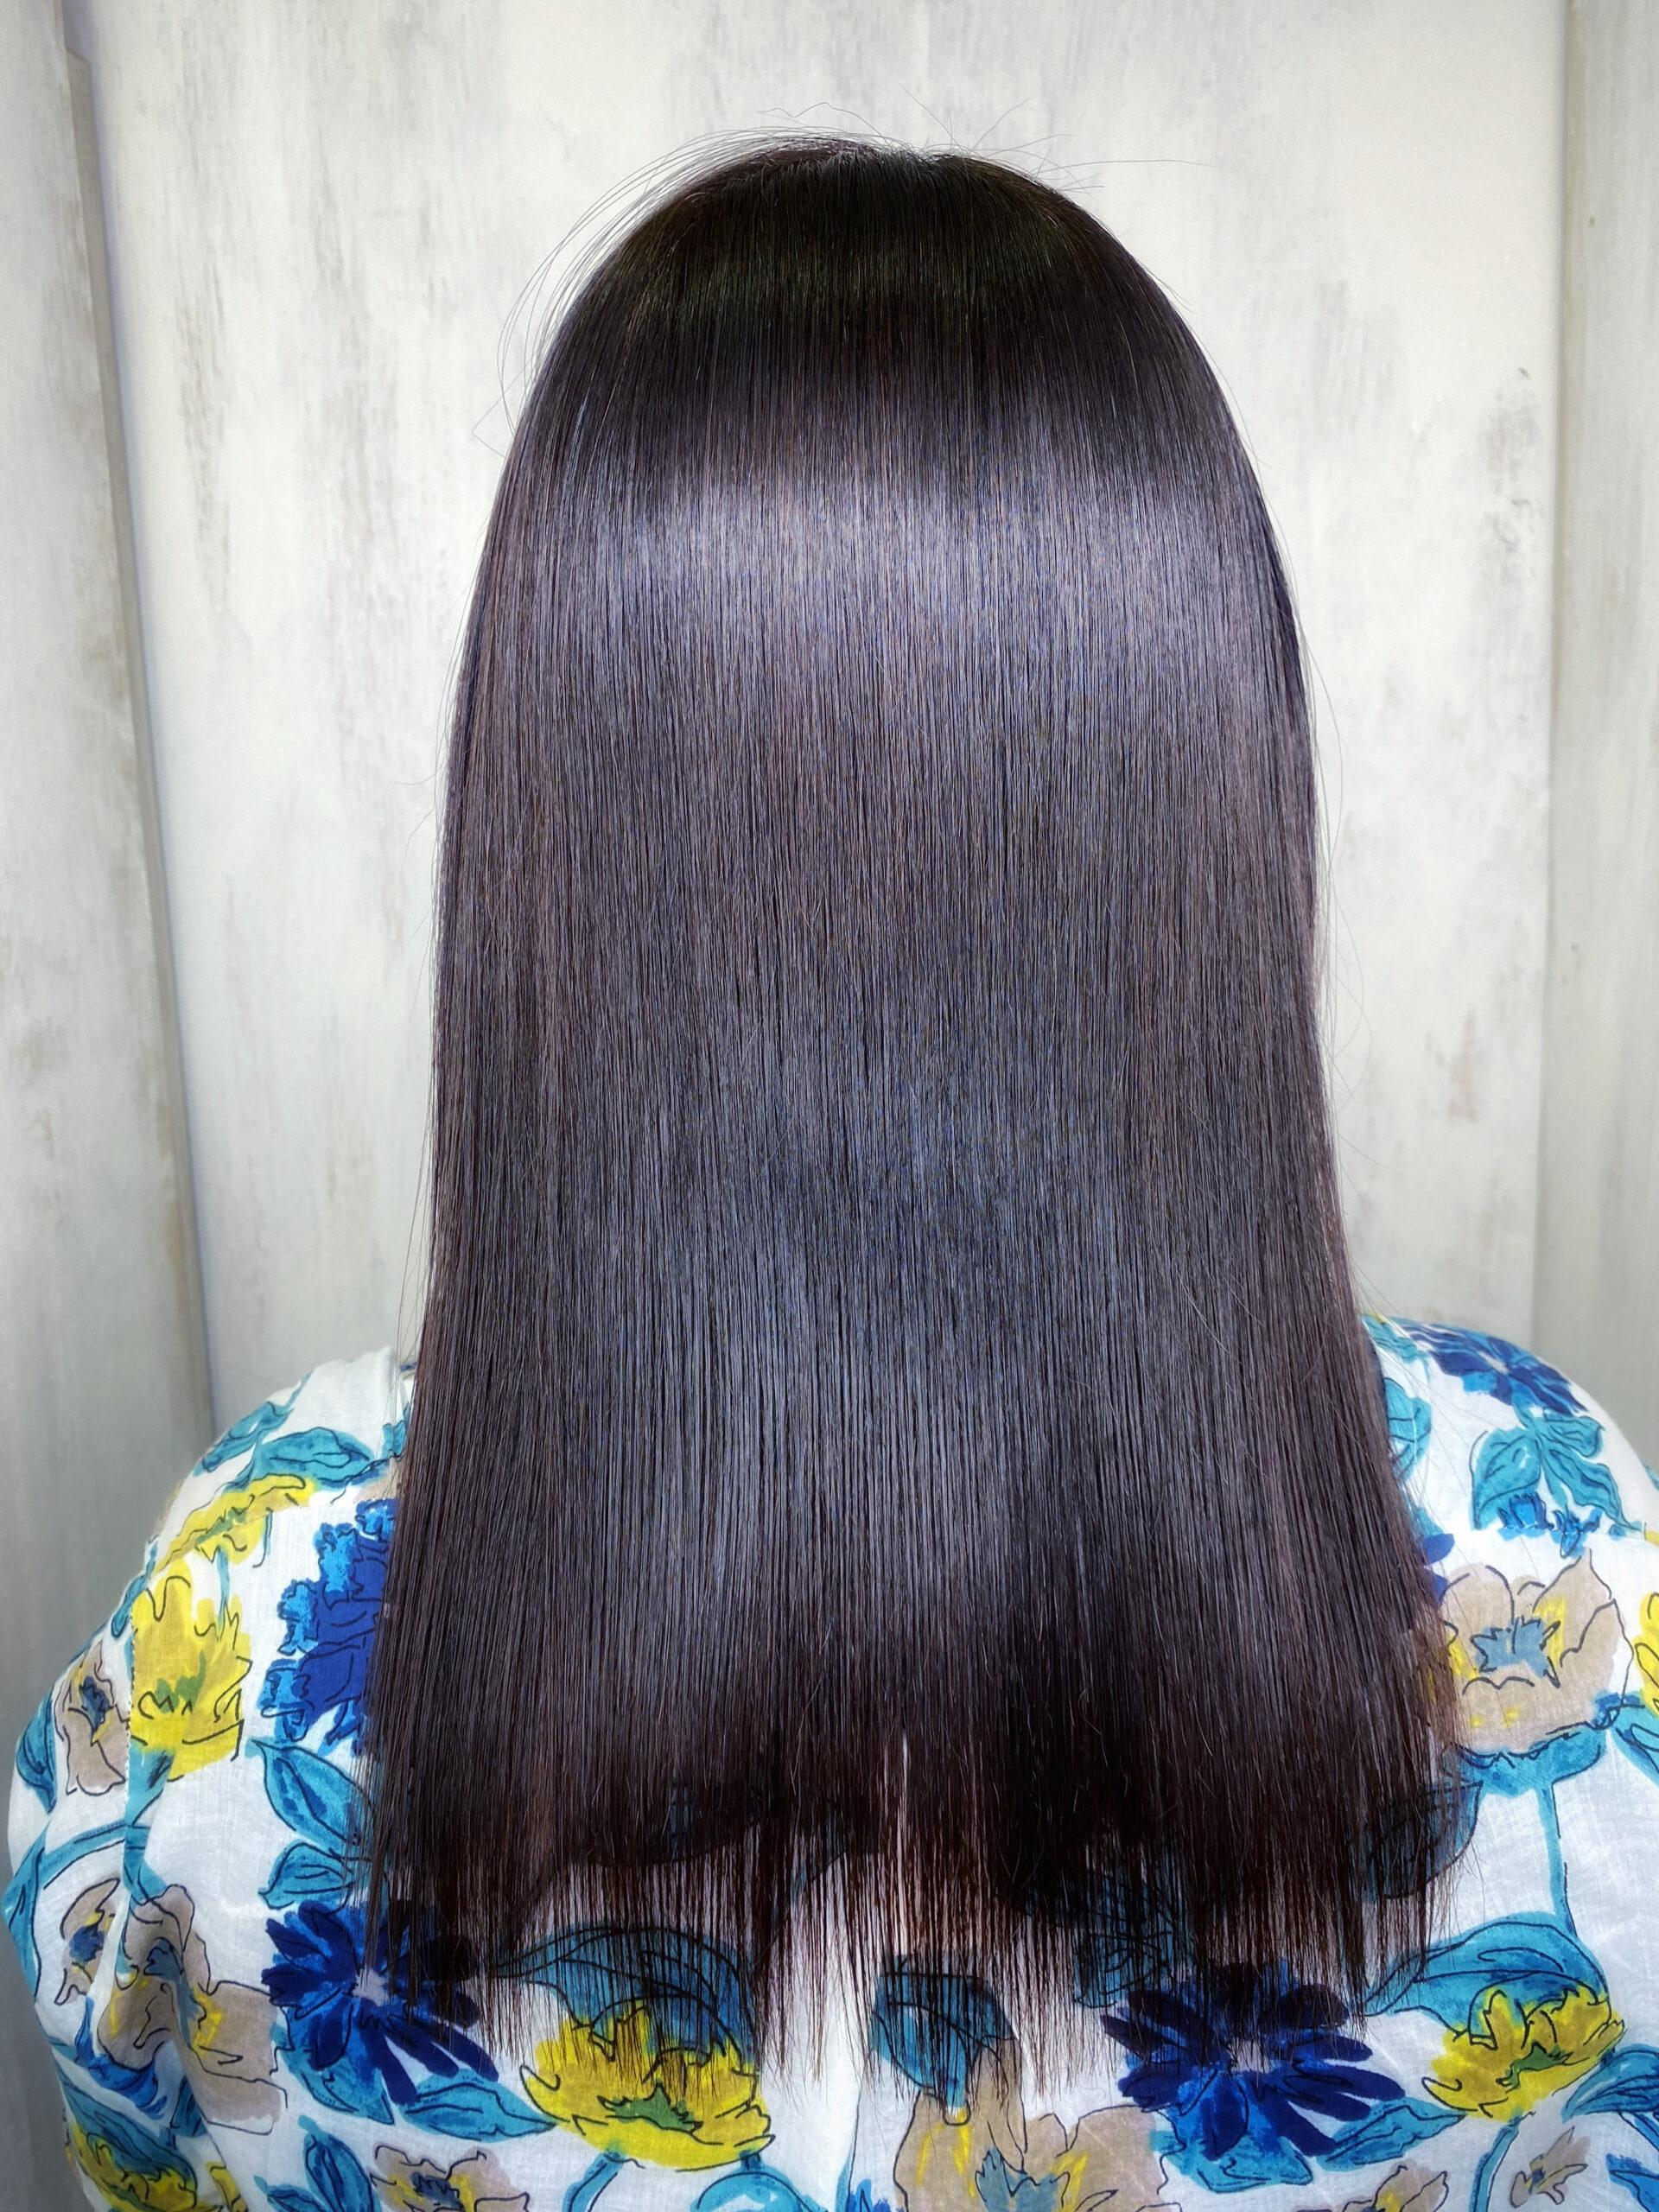 ビビリ矯正とオレオルカラーで艶髪ストレートヘア。原宿・表参道『髪のお悩みを解決するヘアケア美容師の挑戦』